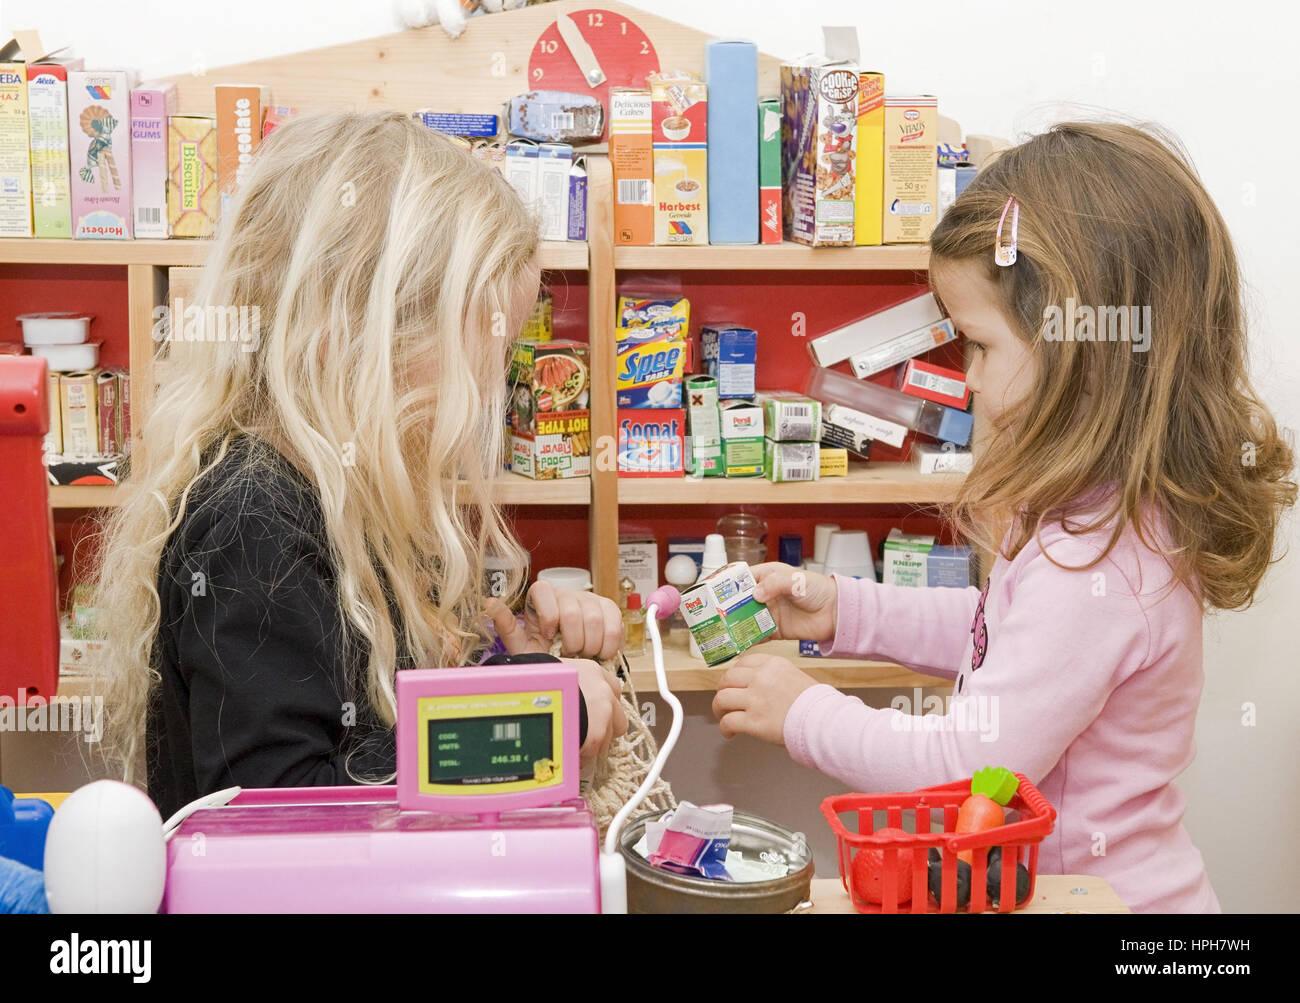 Zwei Maedchen spielen Kaufmannsladen - girls playing toy shop, Model released Stock Photo